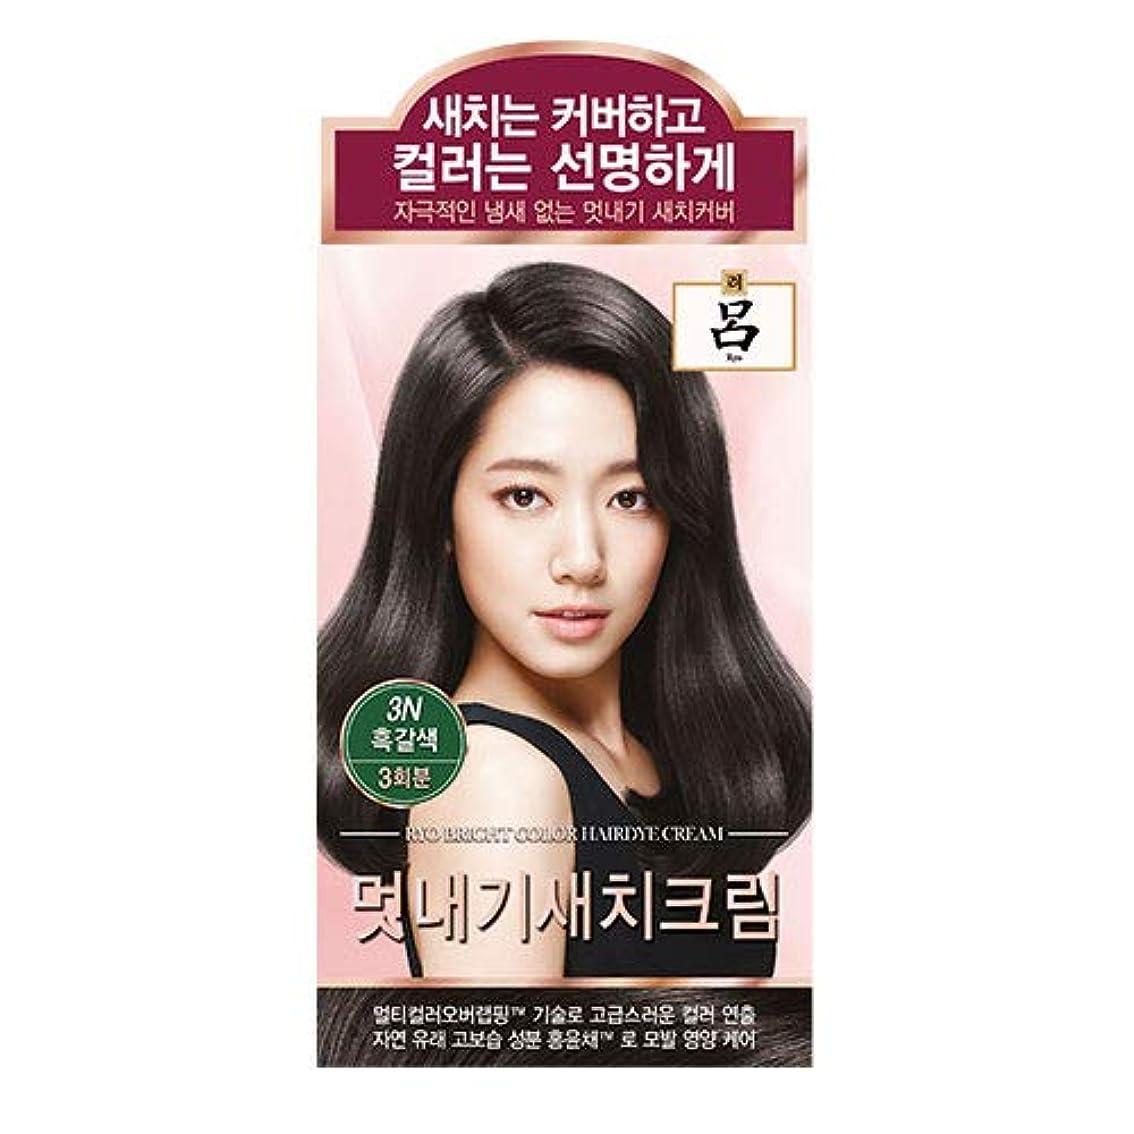 低いウィザードクランシーアモーレパシフィック呂[AMOREPACIFIC/Ryo] ブライトカラーヘアアイクリーム 3N ダークブラウン/Bright Color Hairdye Cream 3N Dark Brown